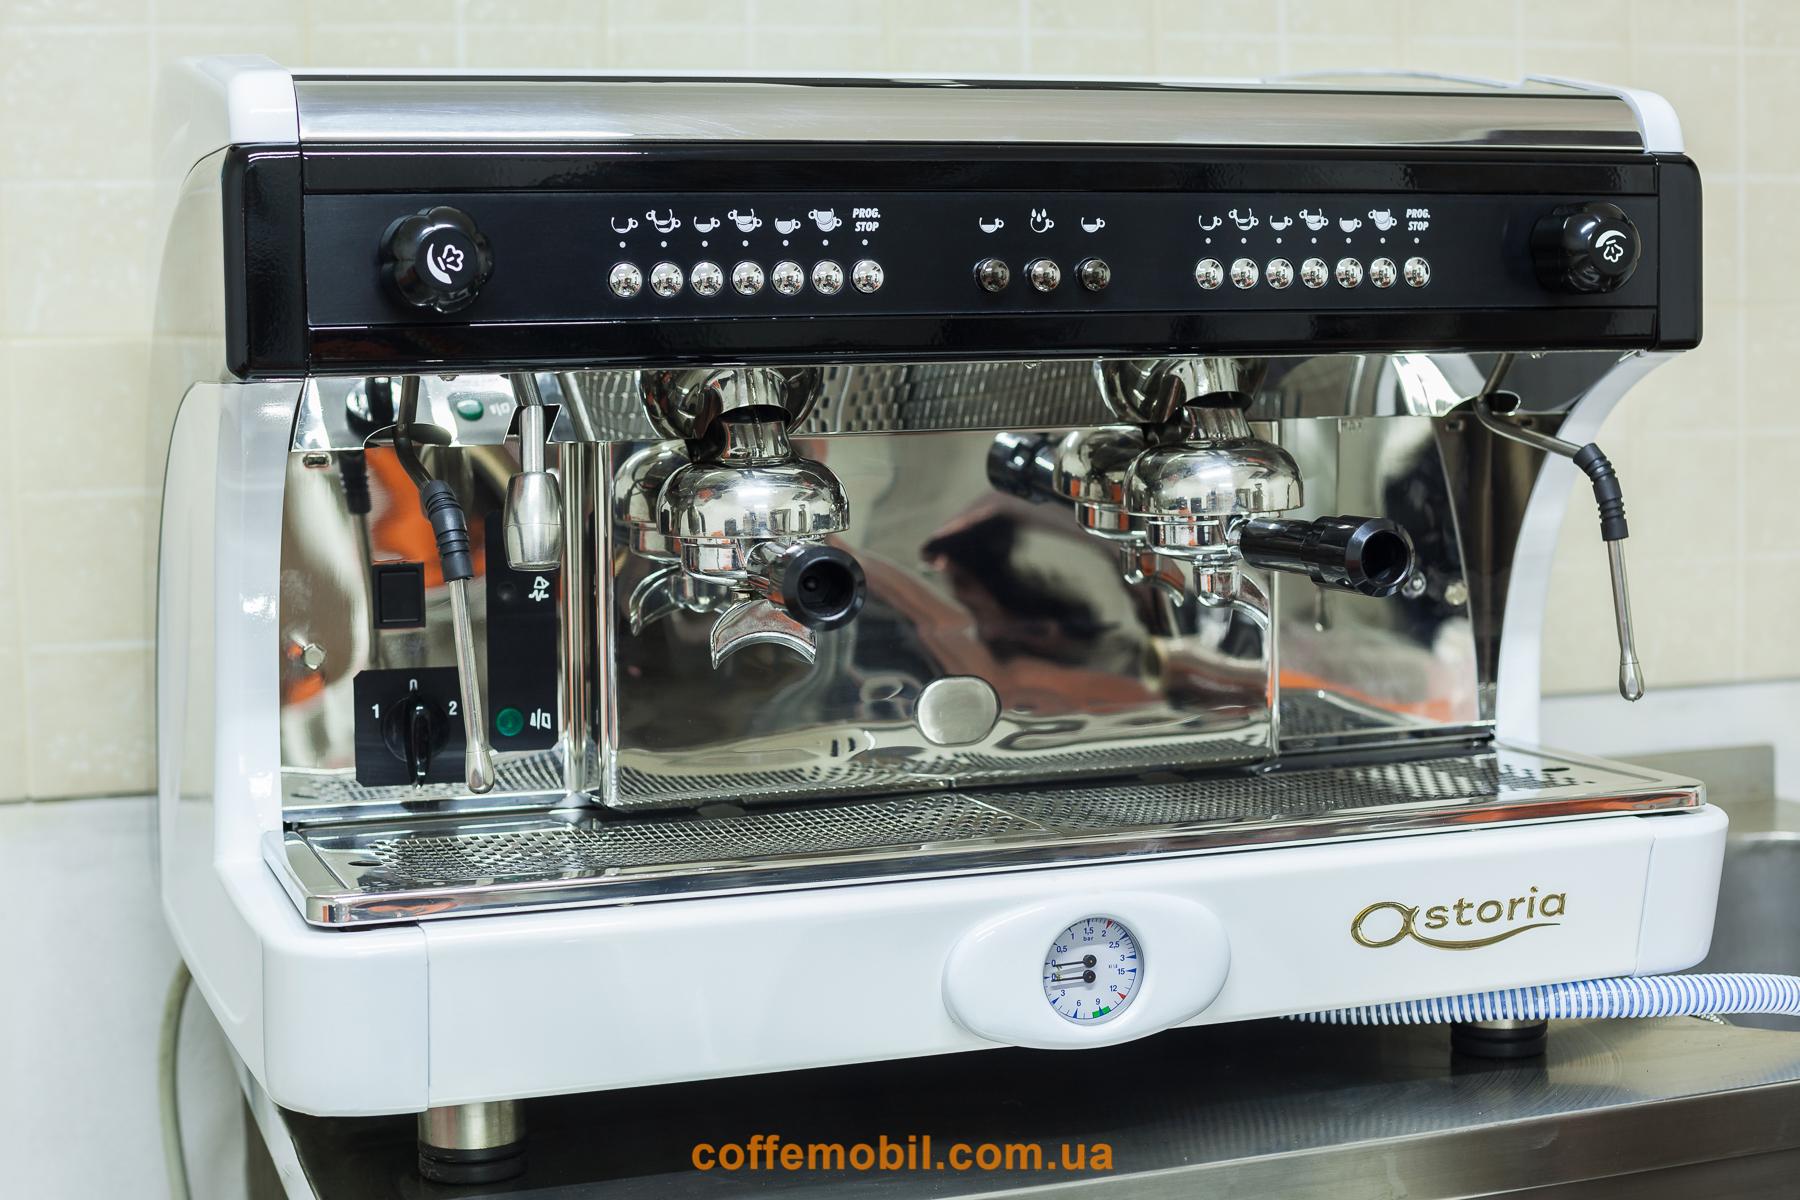 Купить новую профессиональную кофеварку Астория Калипсо в рассрочку